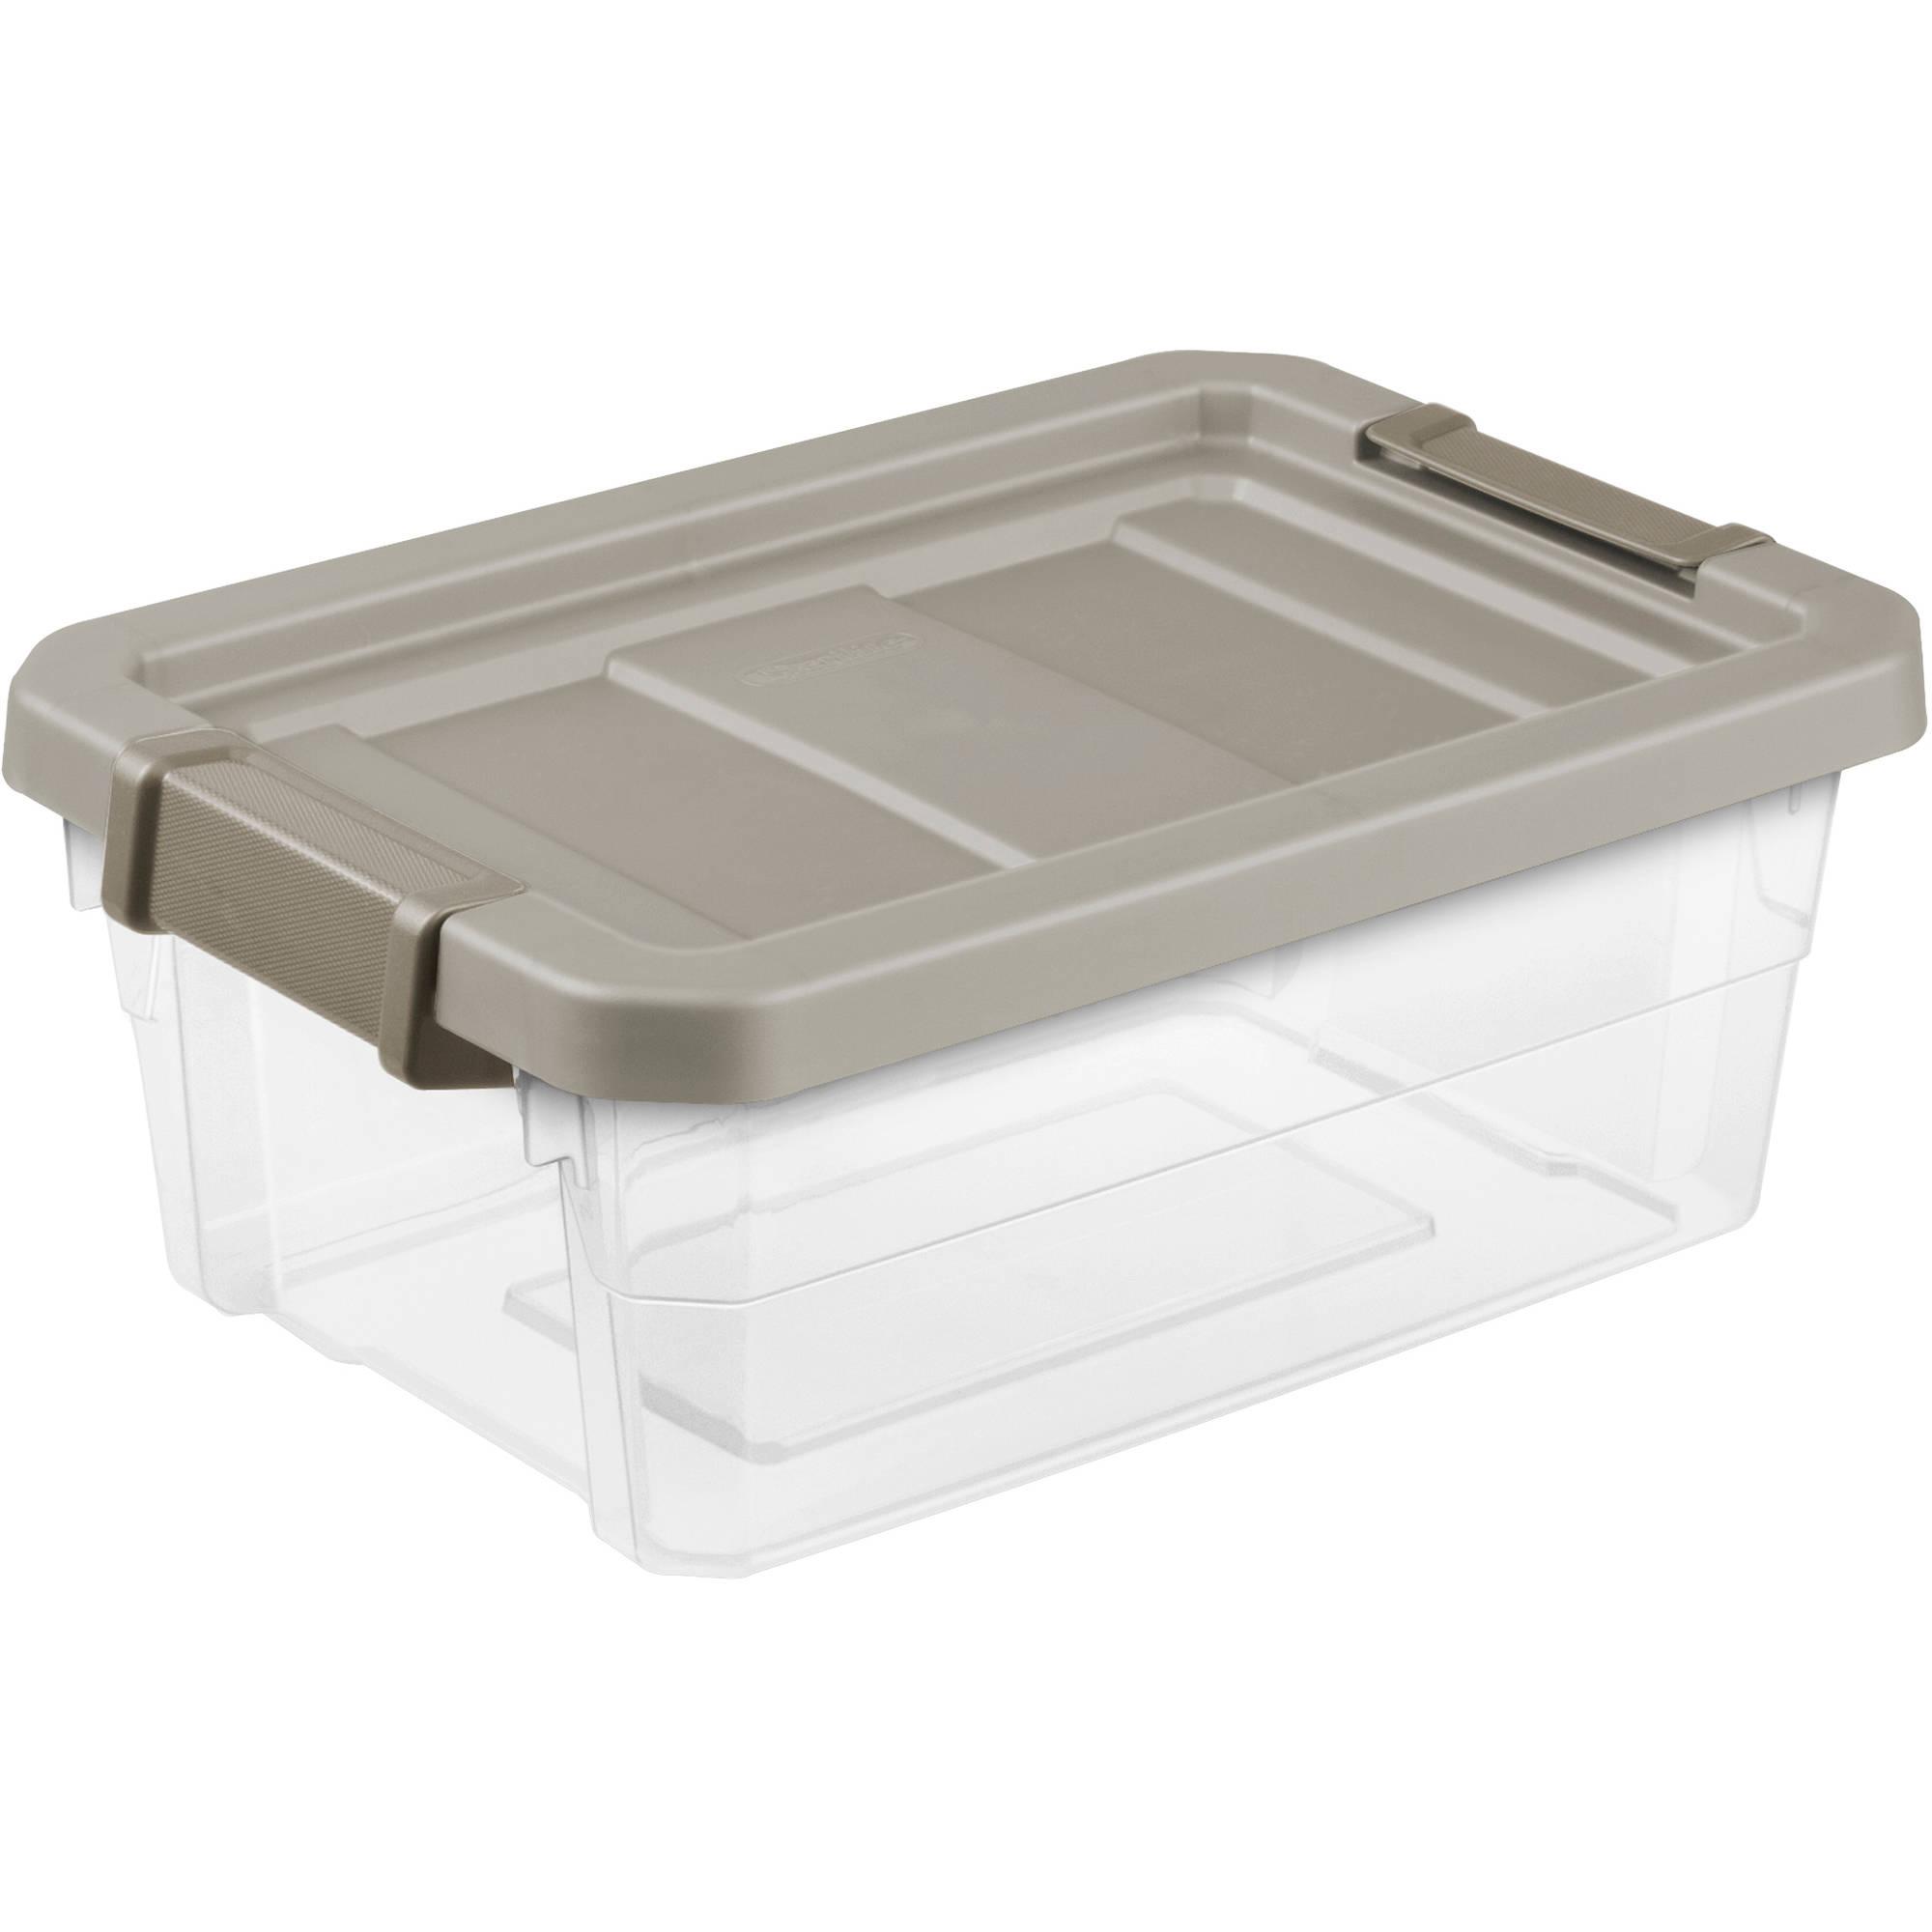 Sterilite 4 Gallon Stacker Box- Mica, Set of 6